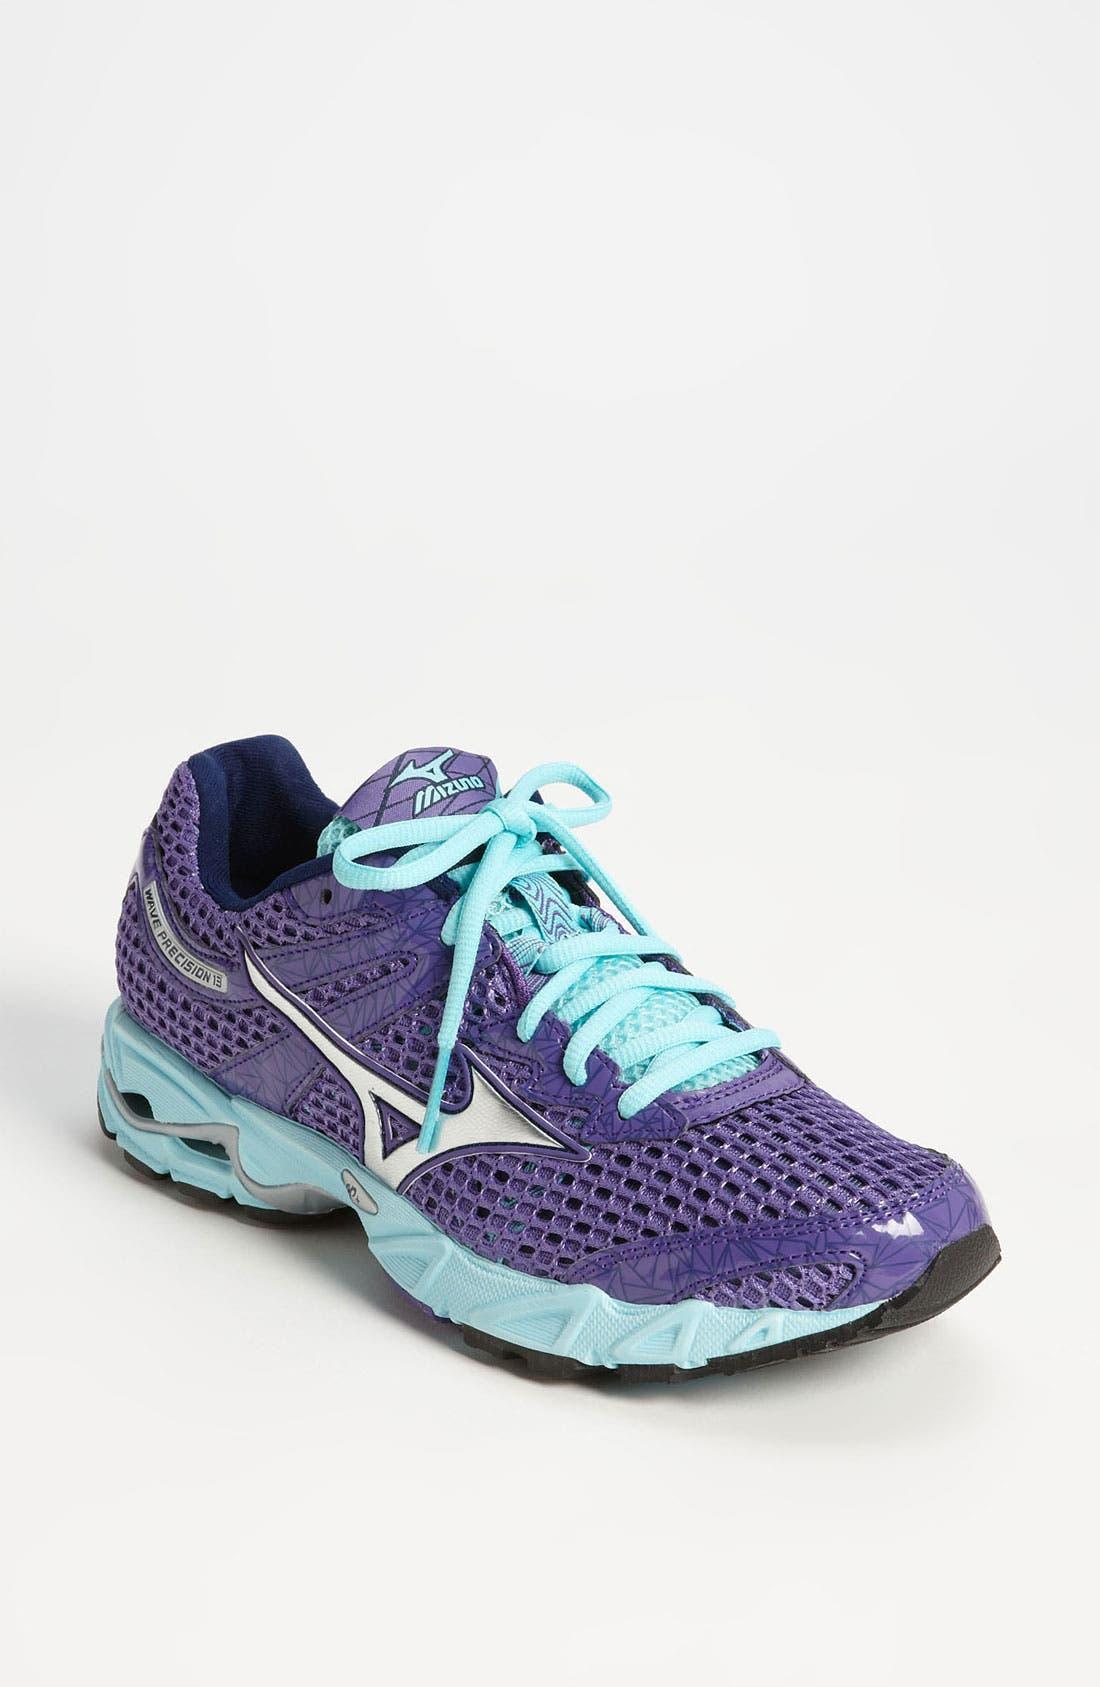 Alternate Image 1 Selected - Mizuno 'Wave Precision 13' Running Shoe (Women)(Retail Price: $109.95)